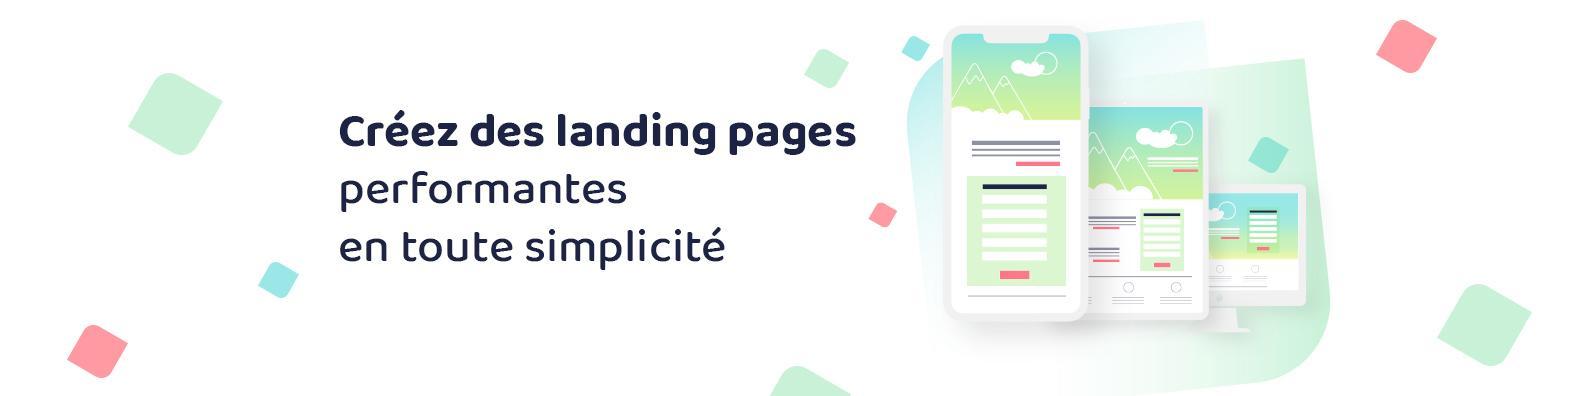 Avis GetLandy : Créez des landing pages performantes en toute simplicité. - Appvizer